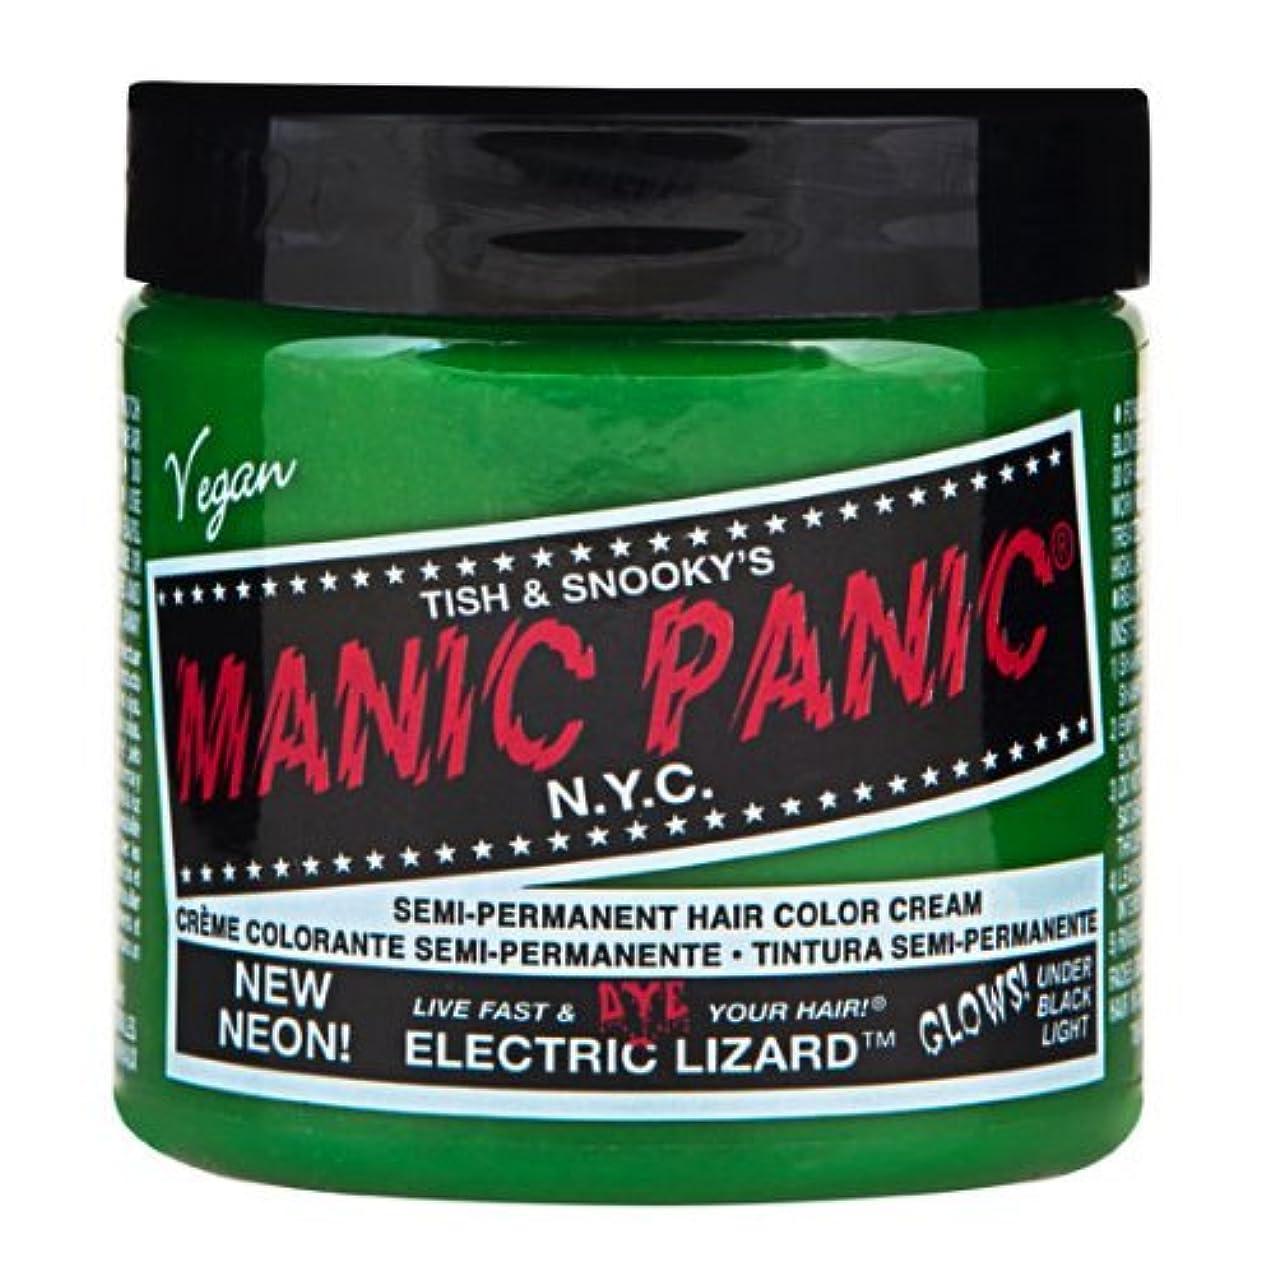 マニックパニック MANIC PANIC ヘアカラー 118mlネオンエレクトリックリザード ヘアーカラー